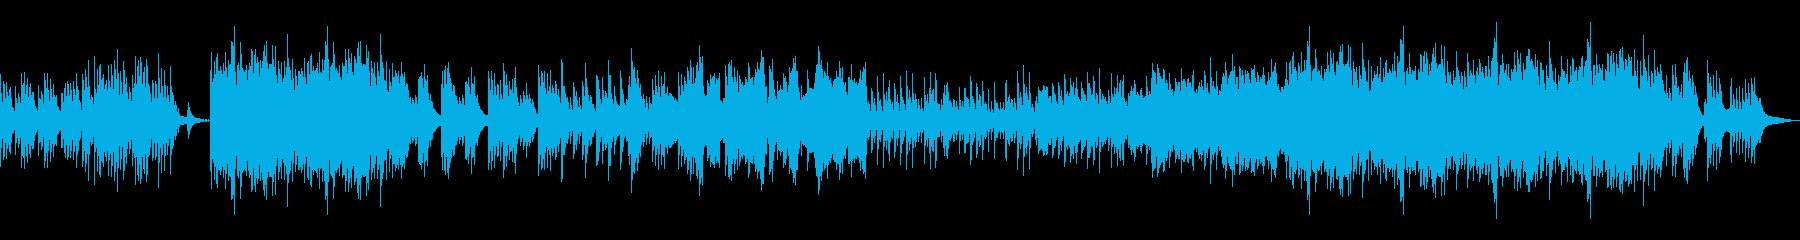 高音質♪和風琴華やかで温かい曲の再生済みの波形